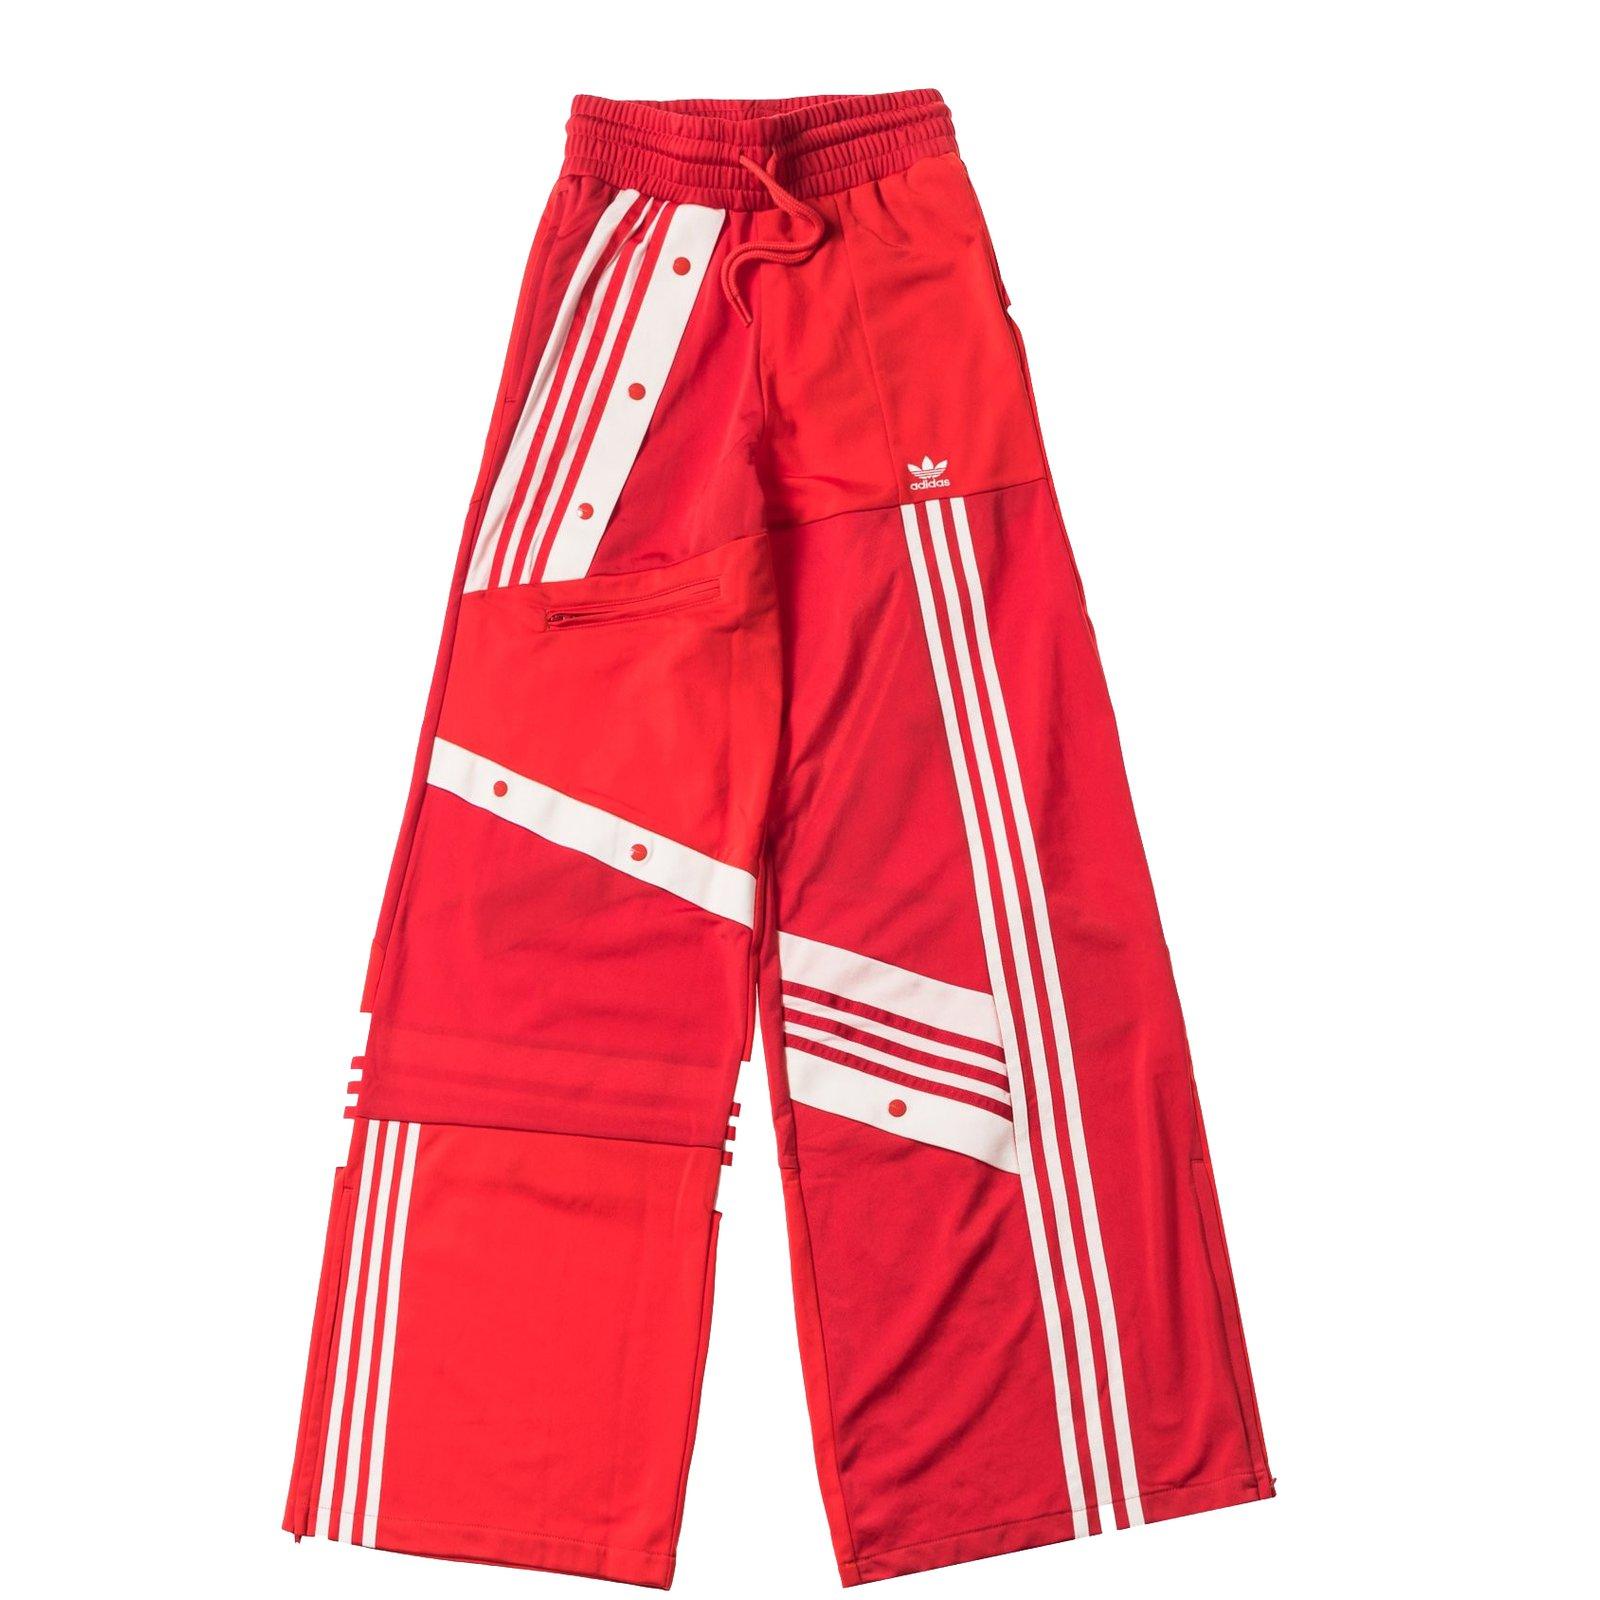 pantalon adidas rouge